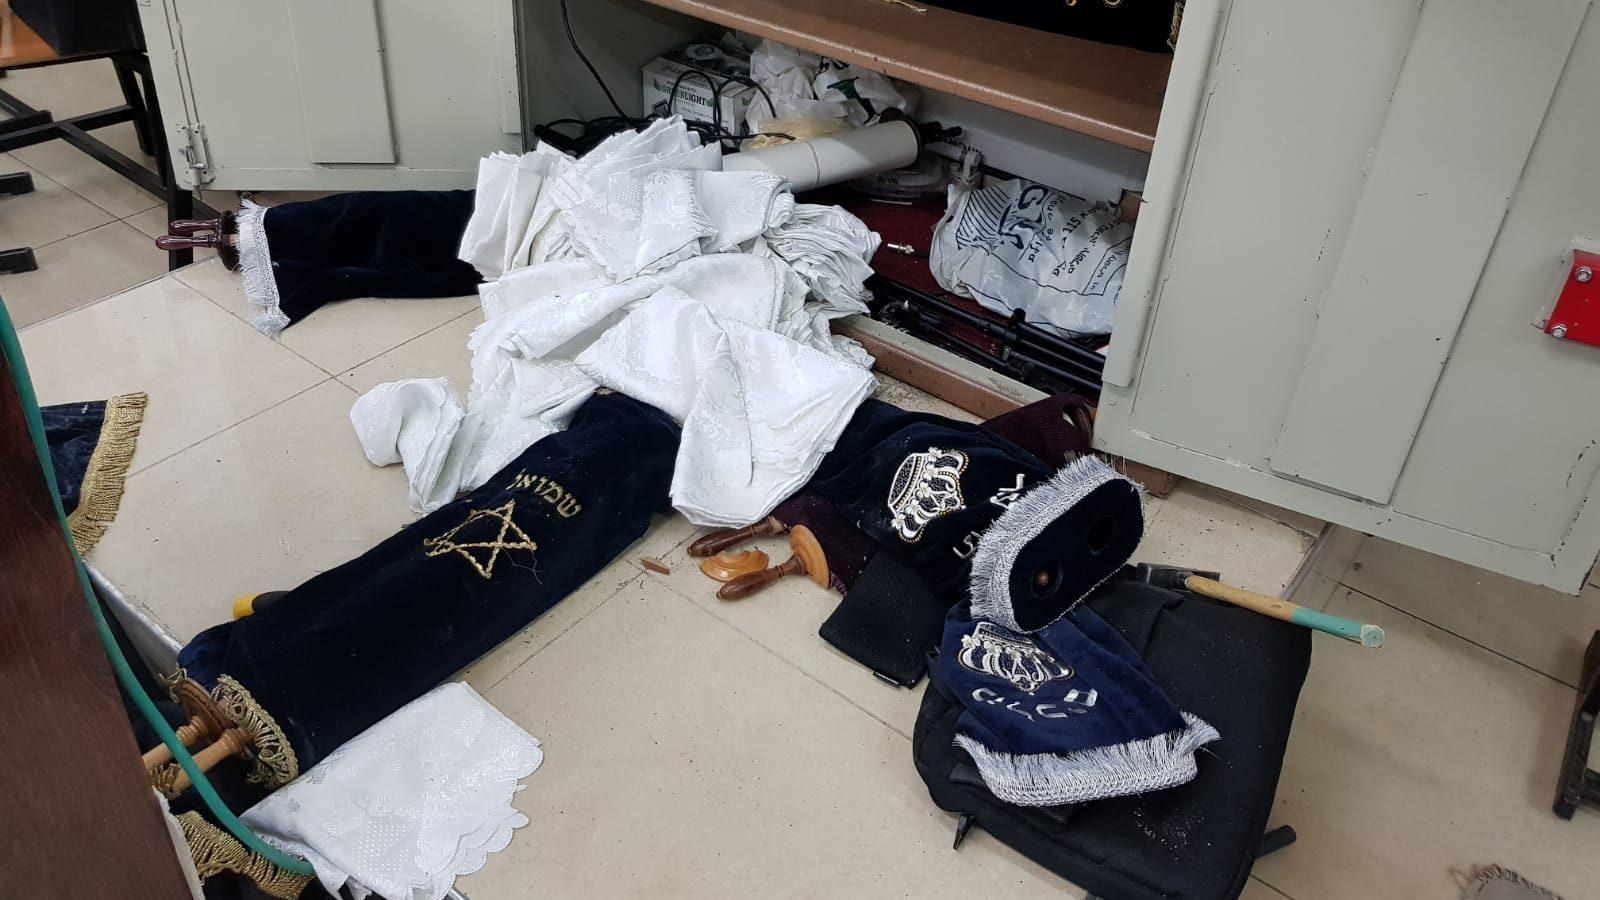 זעזוע בבית כנסת בבני ברק: אלמונים פרצו למקום, גנבו ספרי תורה וגרמו נזק להיכל (צפו)